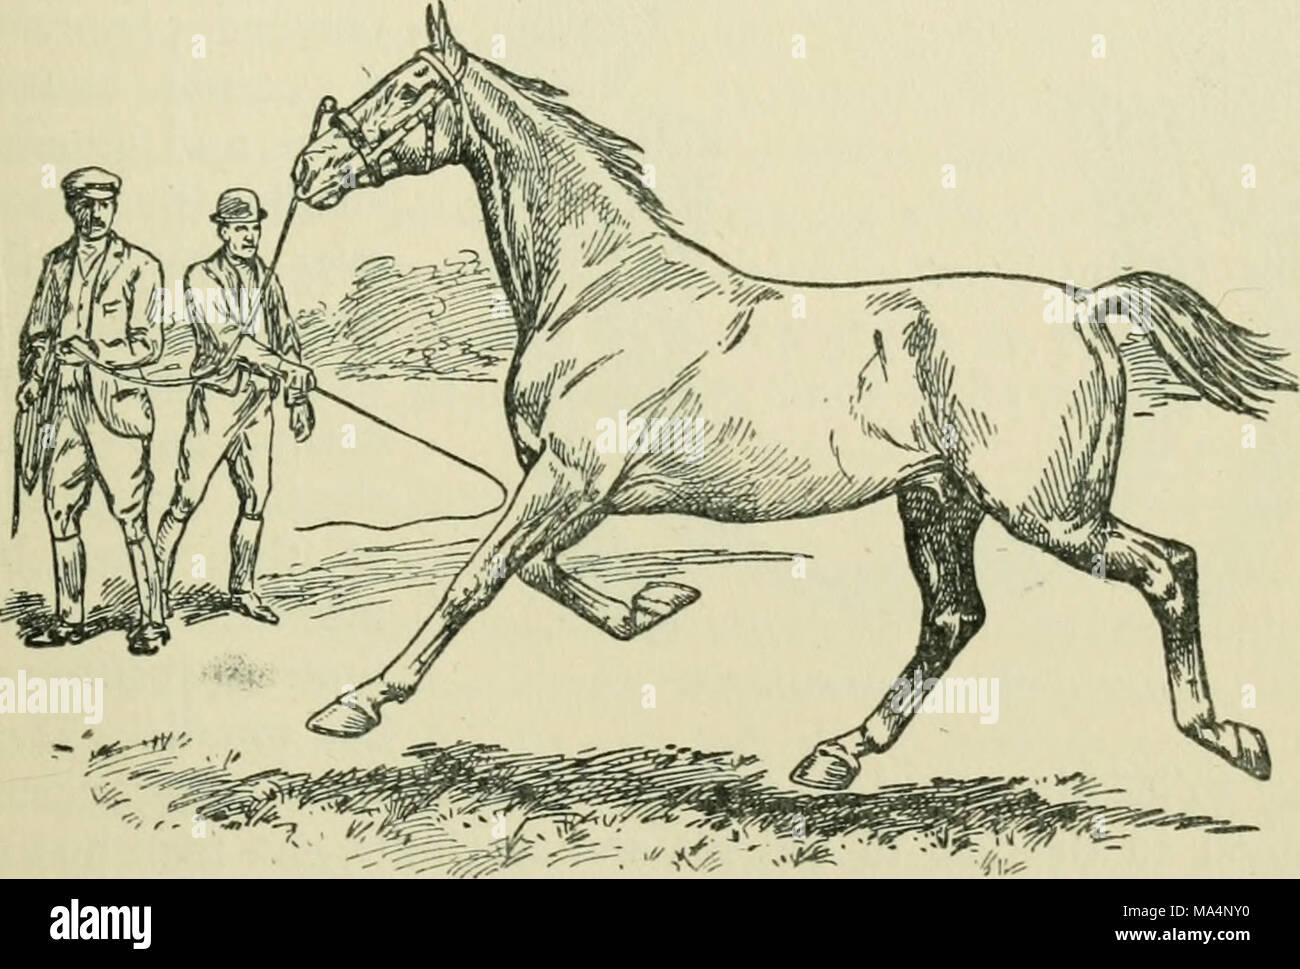 Schön Horse Hoof Anatomy And Physiology Ideen - Menschliche Anatomie ...